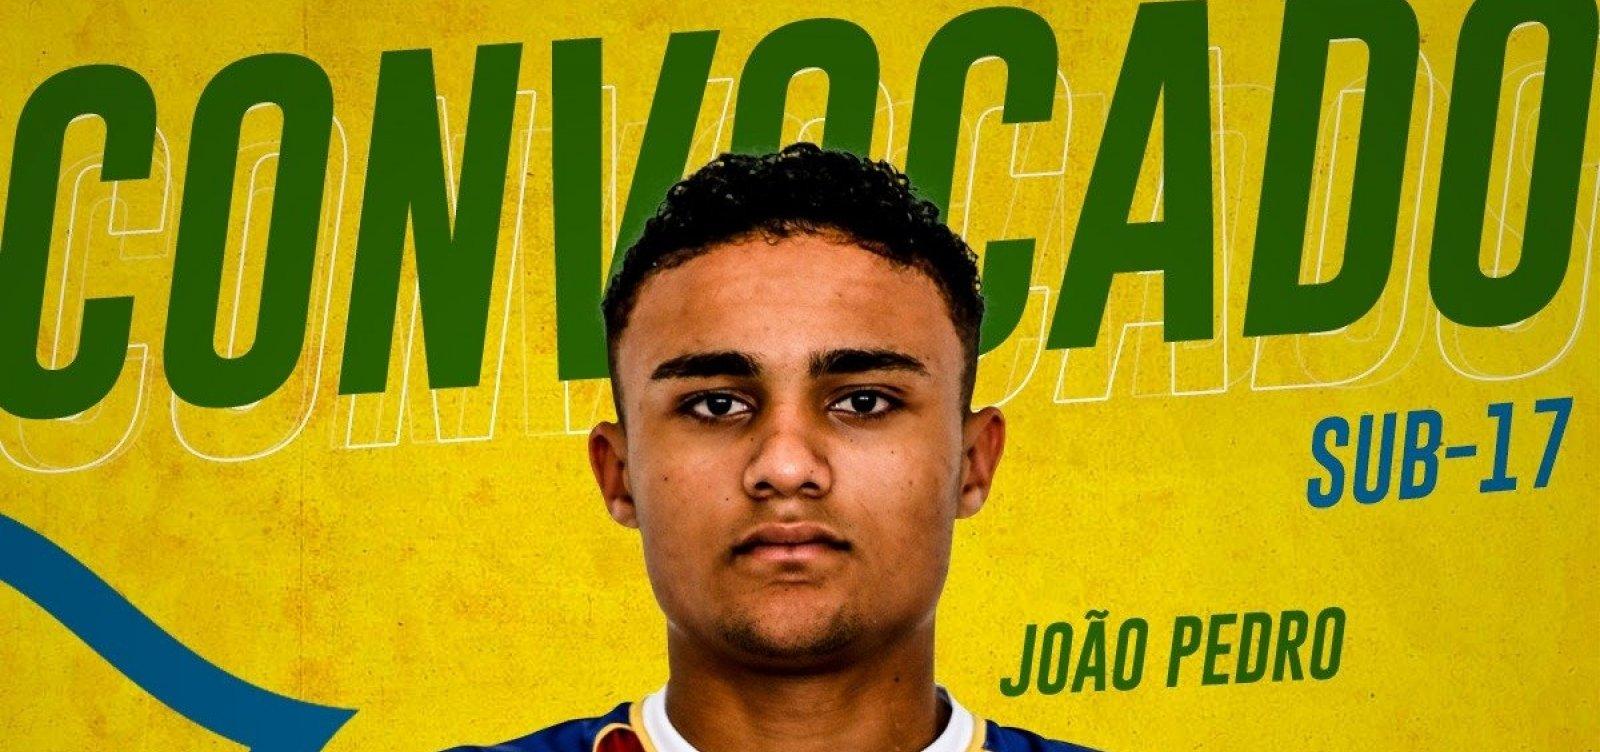 [Atacante do Bahia é convocado para seleção brasileira sub-17]